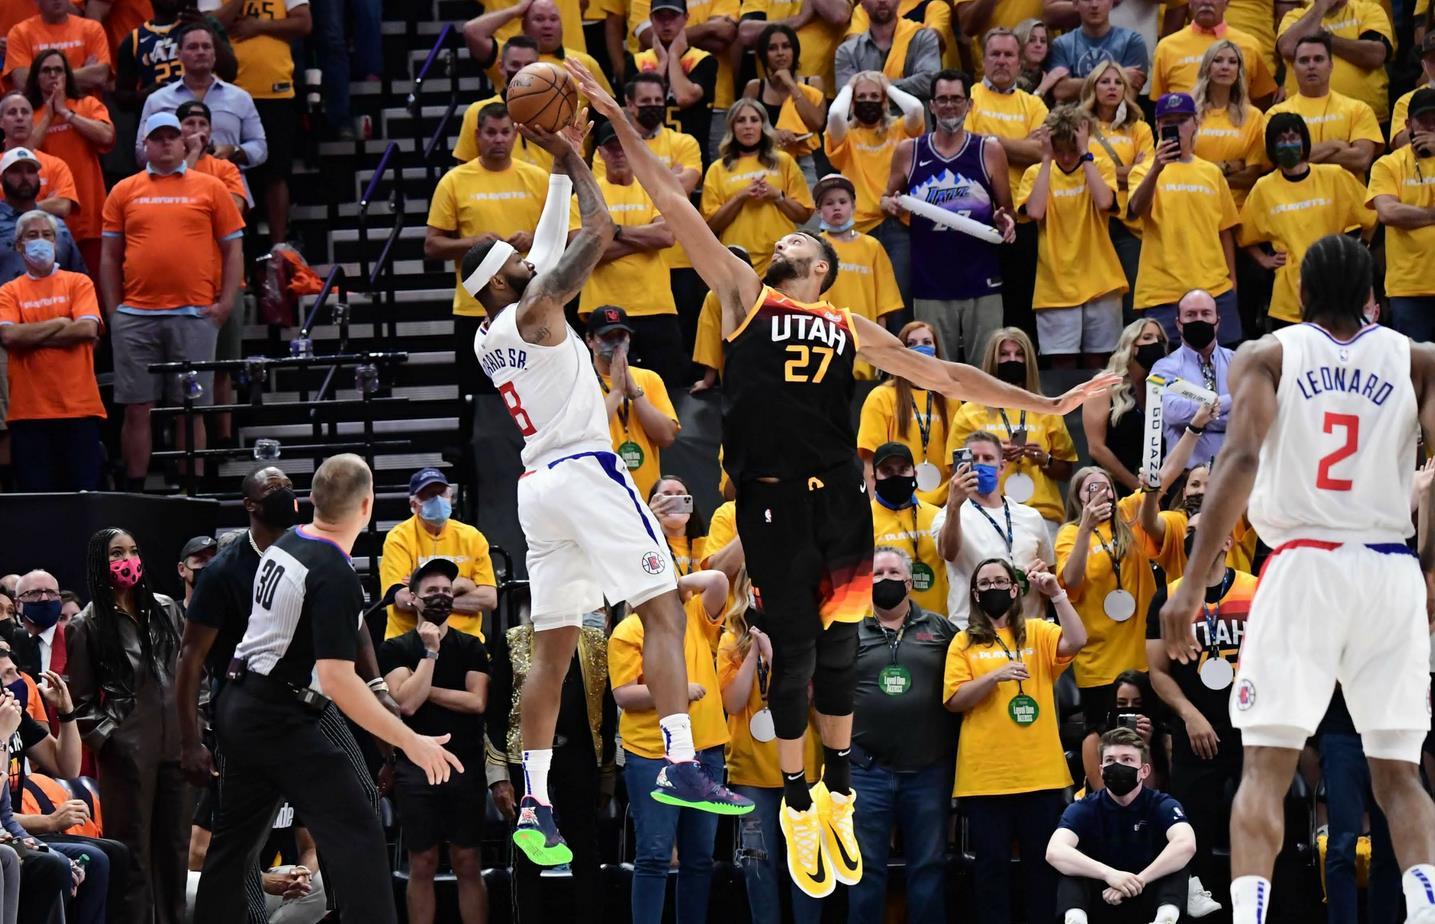 主場優勢?快艇VS爵士G1裁判報告出爐:2次錯判都對爵士有利!(影)-黑特籃球-NBA新聞影音圖片分享社區